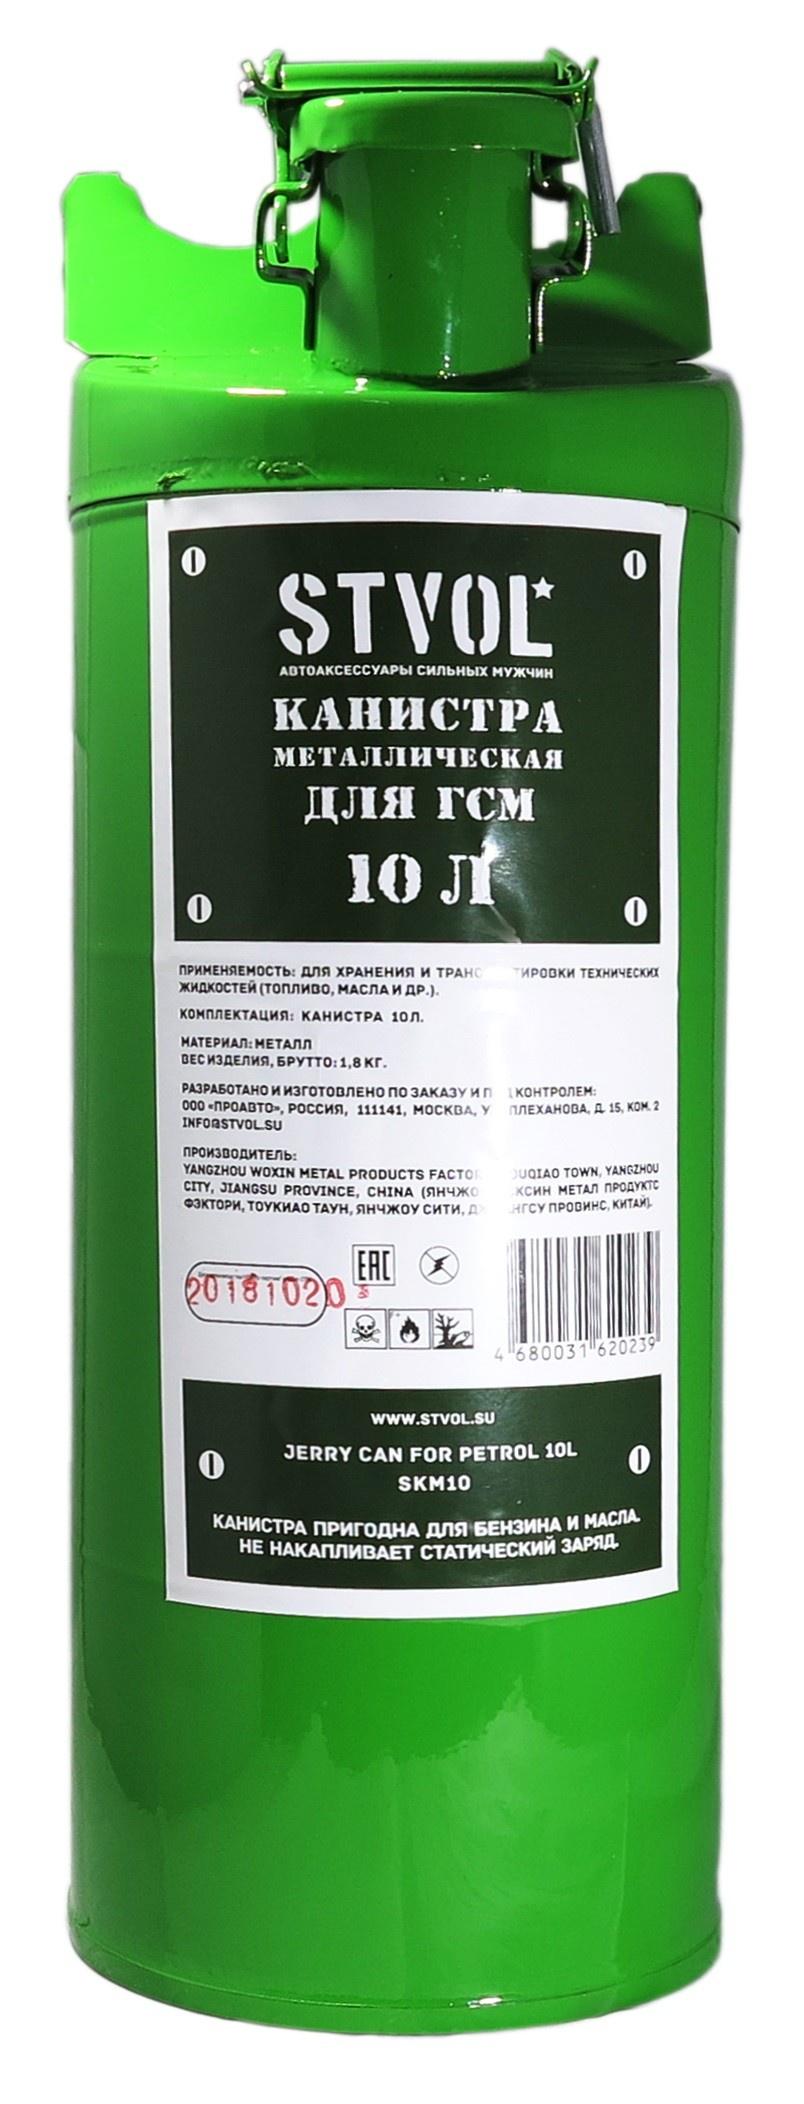 Канистра 10л металлическая канистра для гсм skybear 10л красная